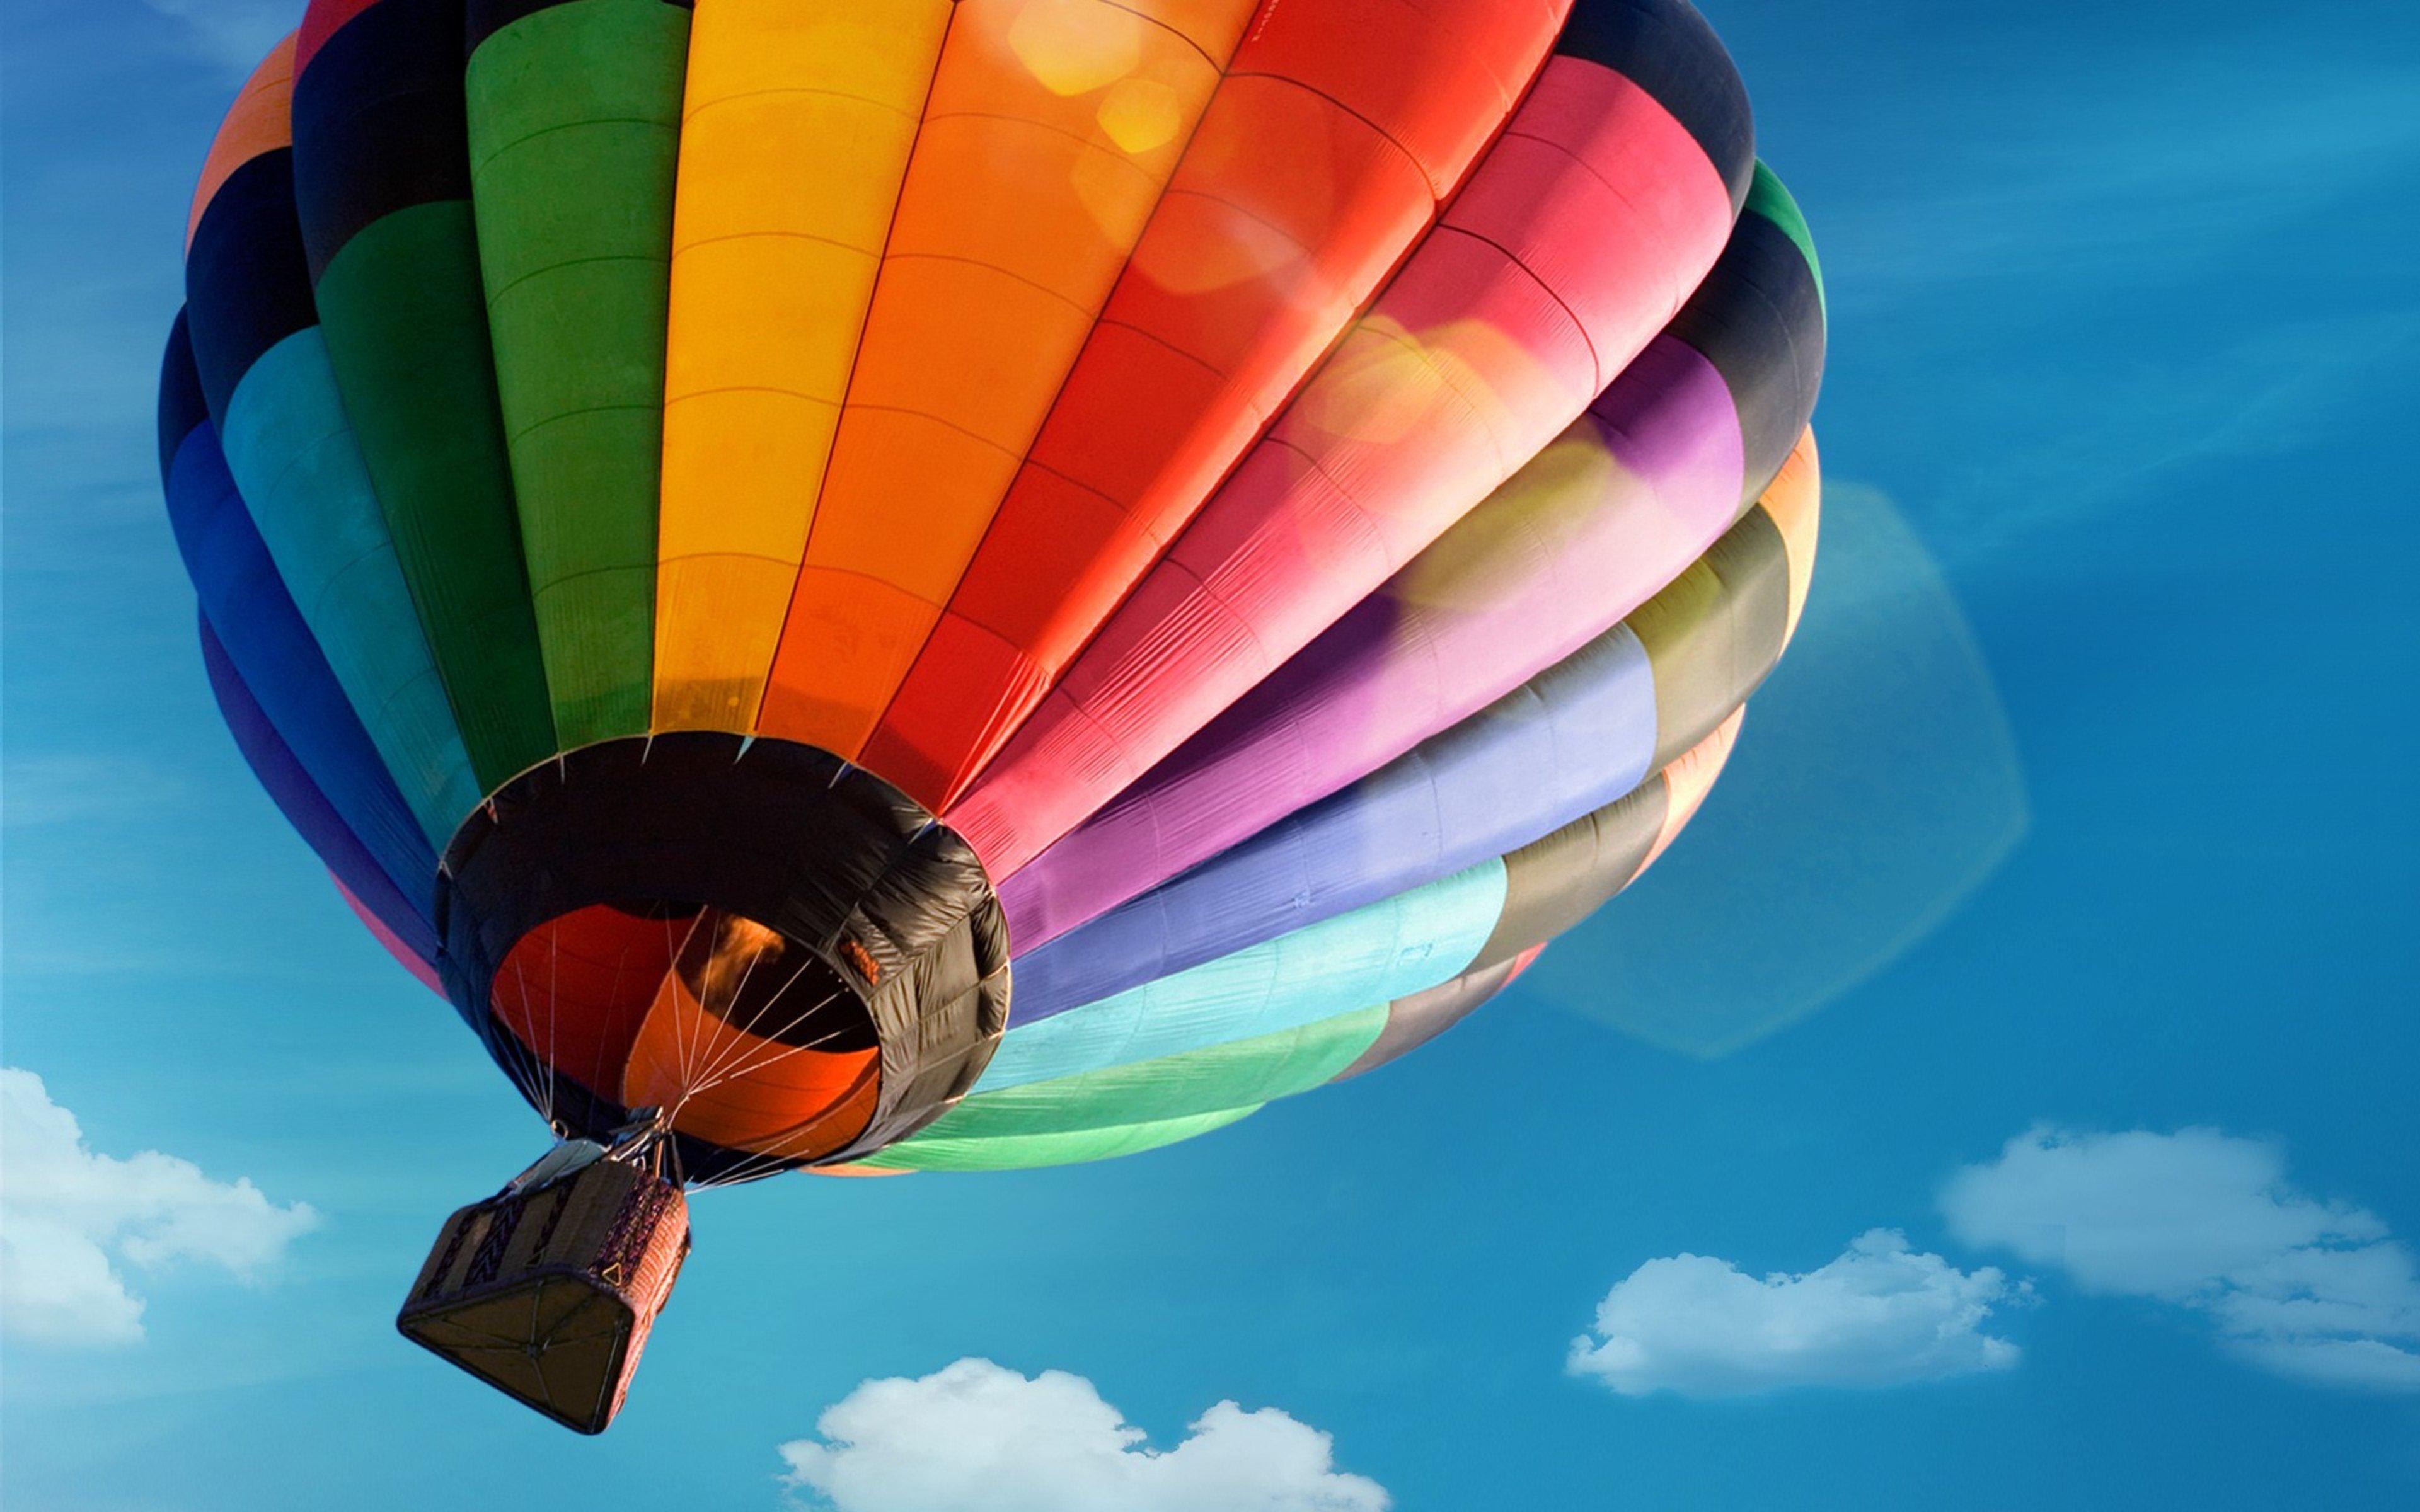 Fondos de pantalla Globo Aerostático Colorido